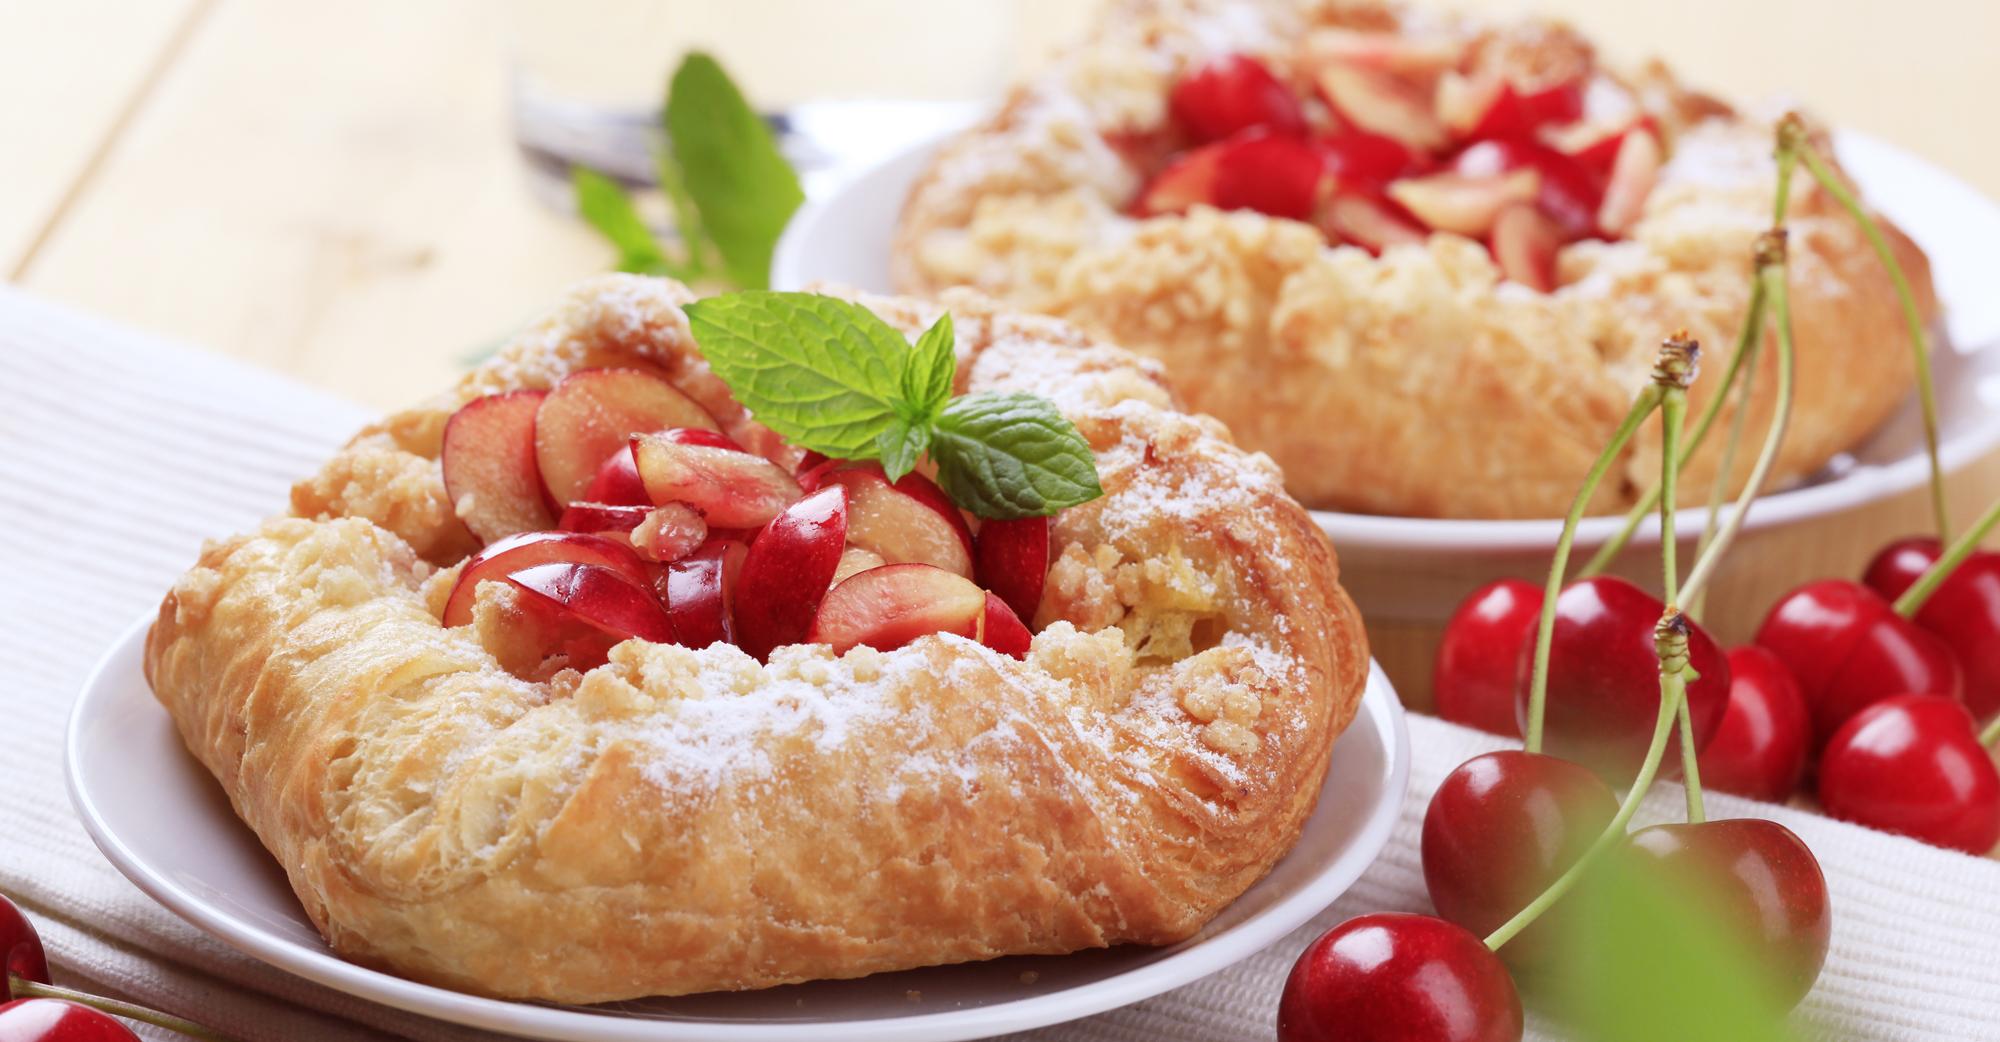 Cherry Danish Cake